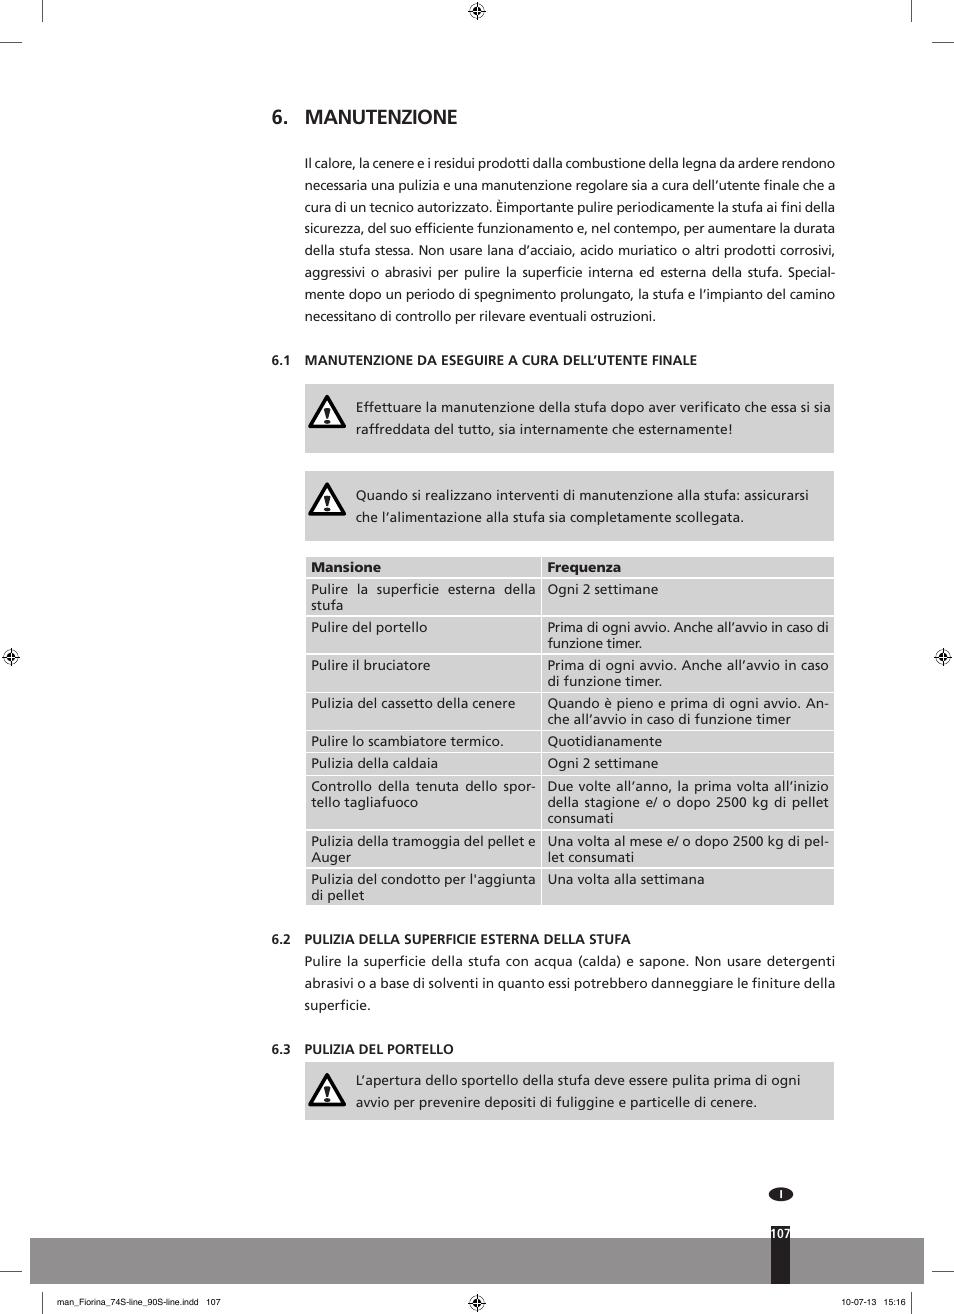 Manutenzione Qlima Fiorina 74 S Line Grey Manual Del Usuario